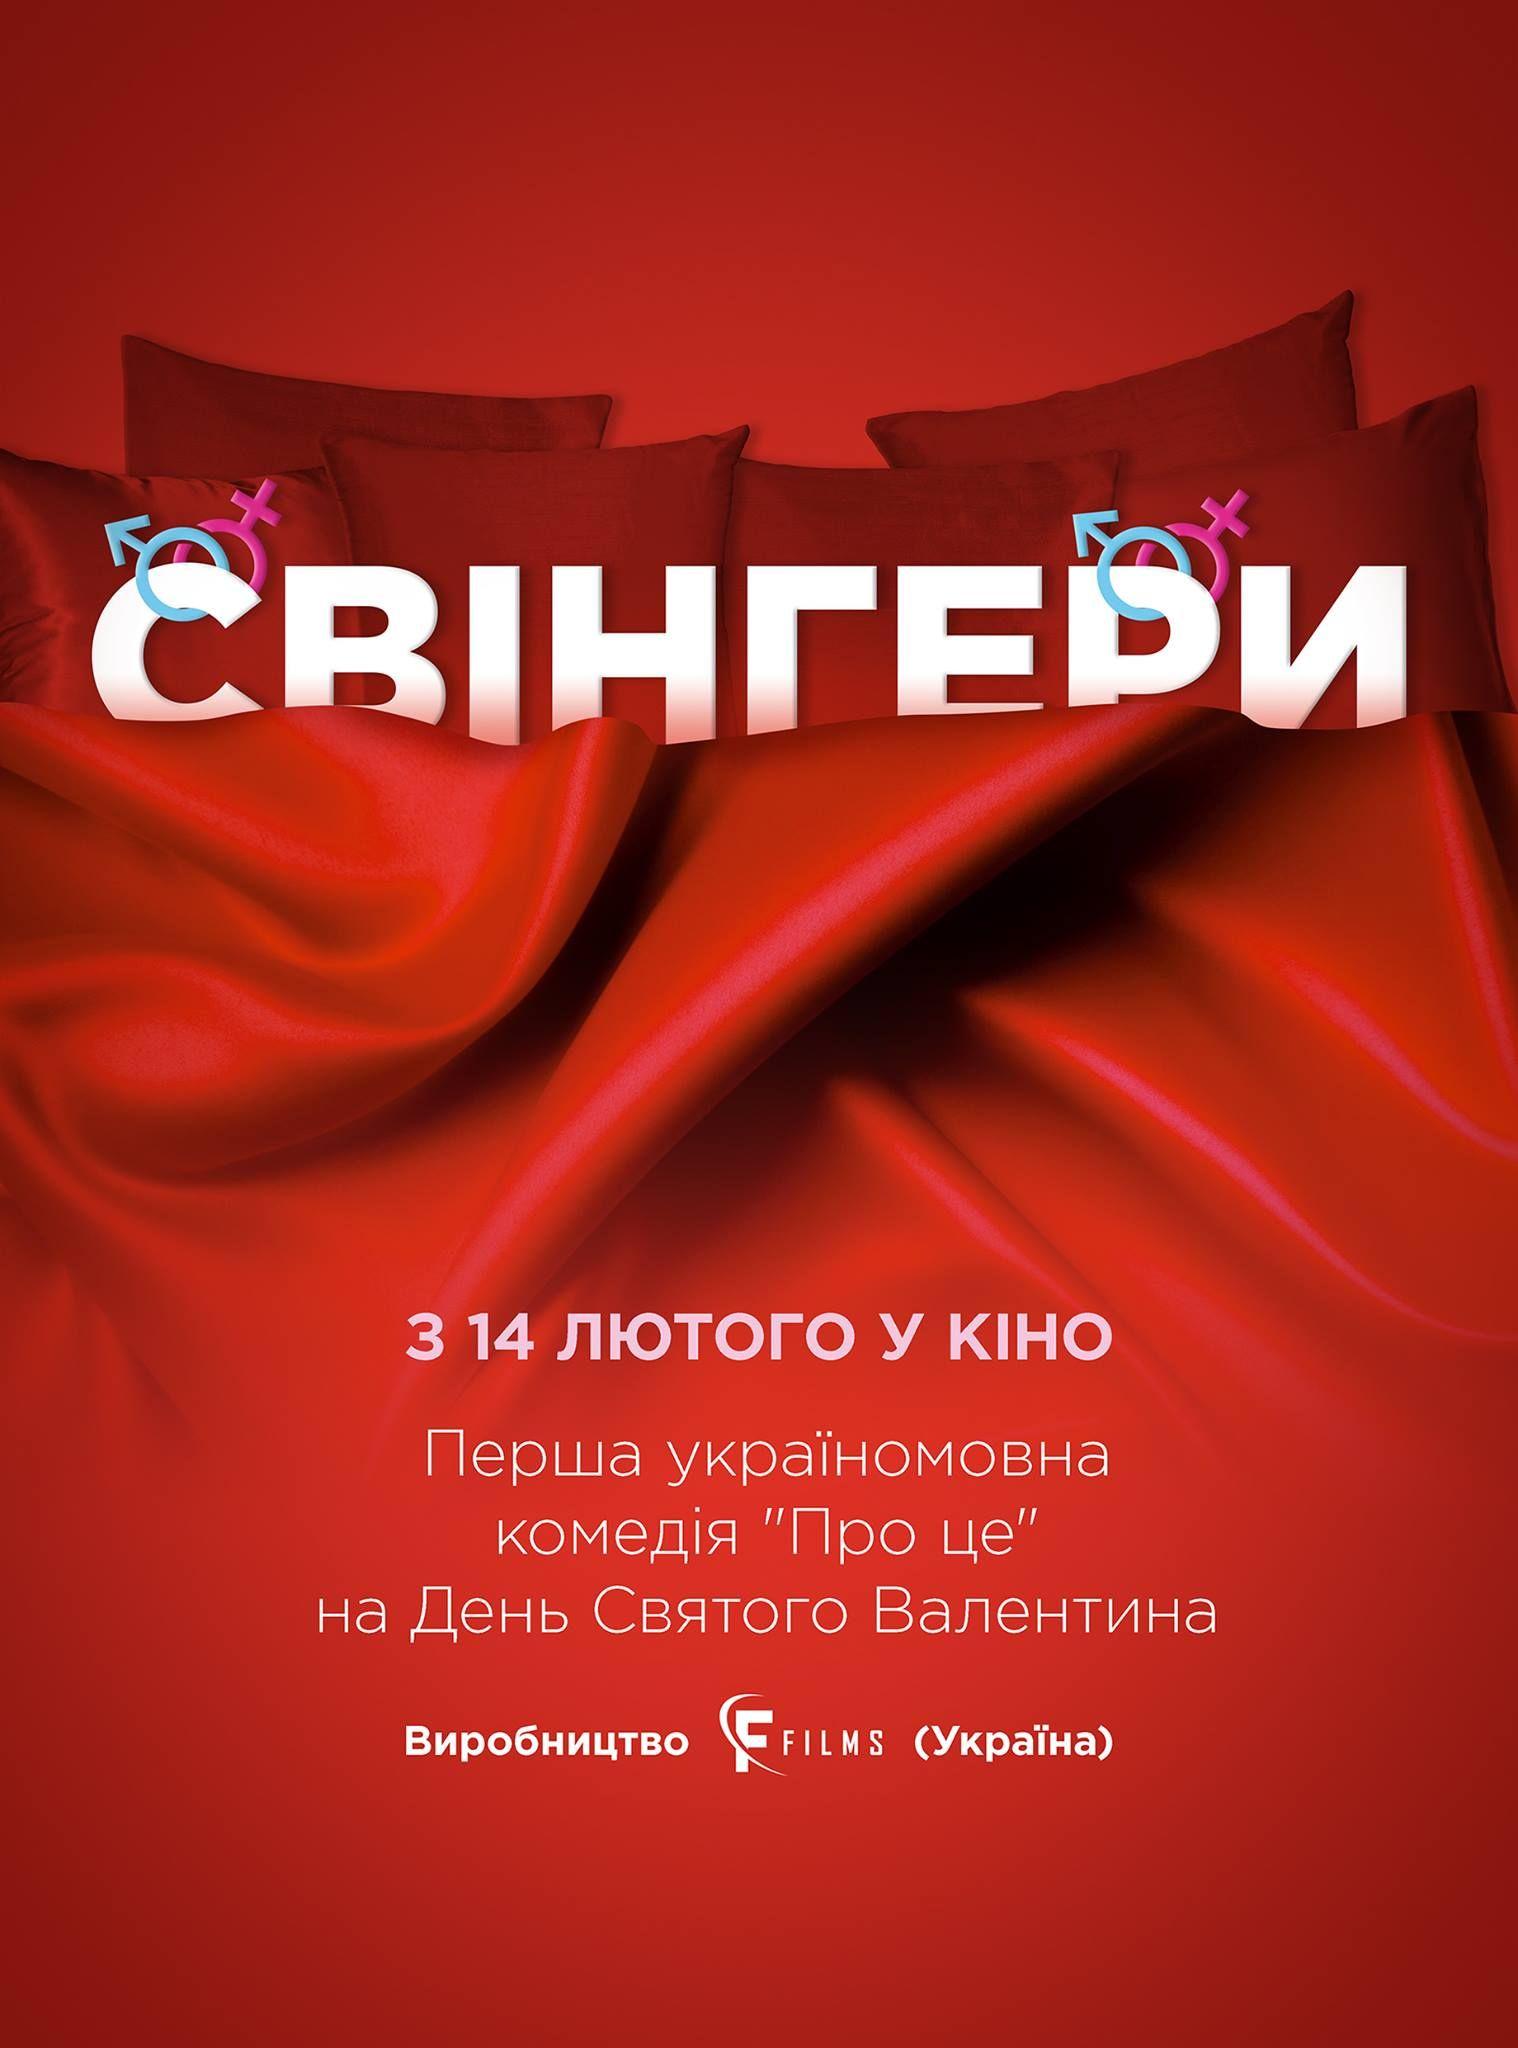 erotichn-stor-vdeo-svngeri-onlayn-russkoe-porno-molodim-konchayut-v-rot-ne-vinimaya